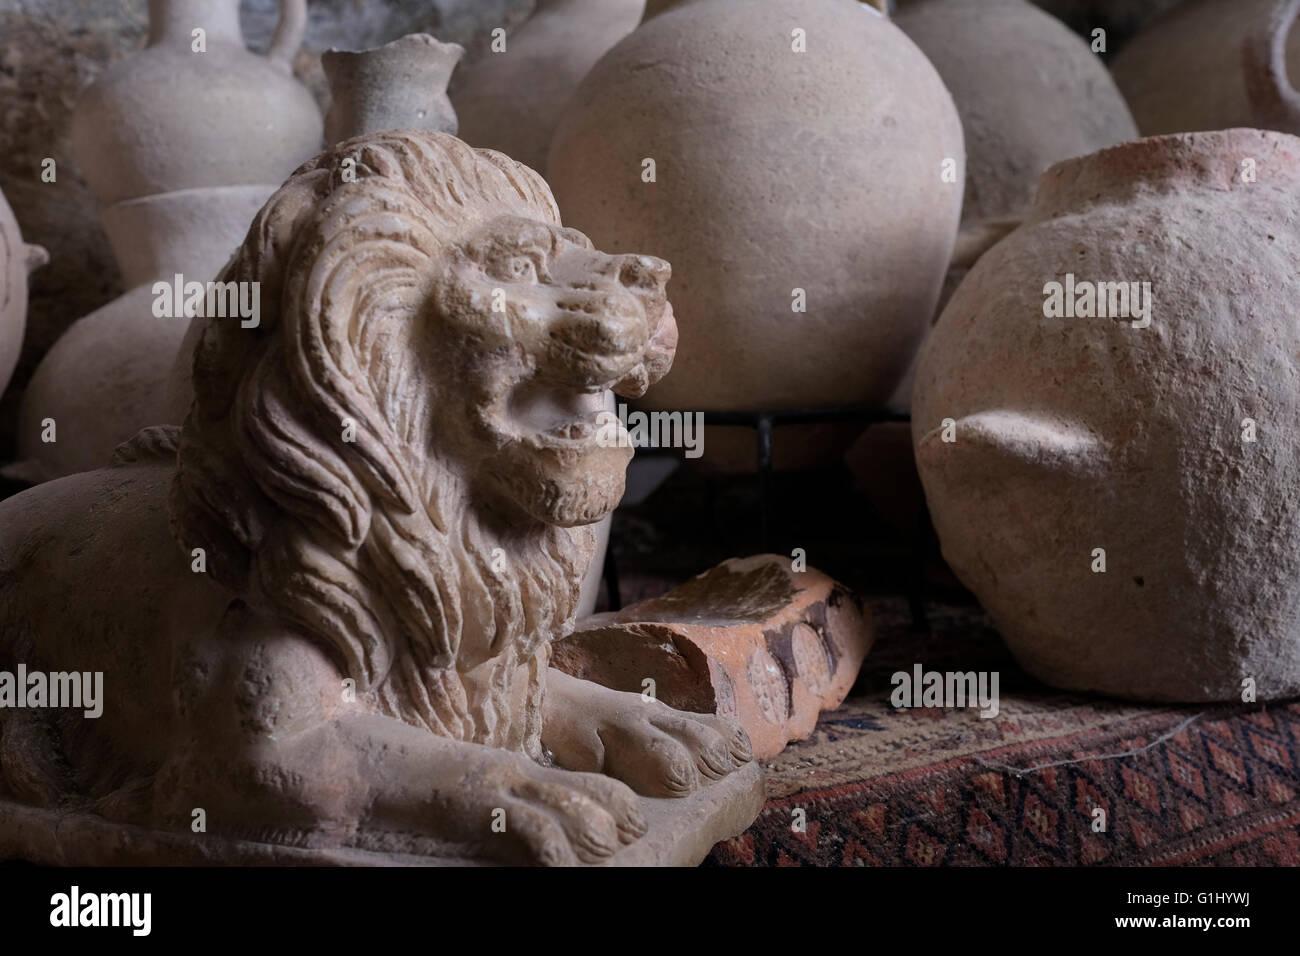 Pile de pièces anciennes à Baidun antiquité shop situé sur la Via Dolorosa vieille ville Jérusalem, Photo Stock